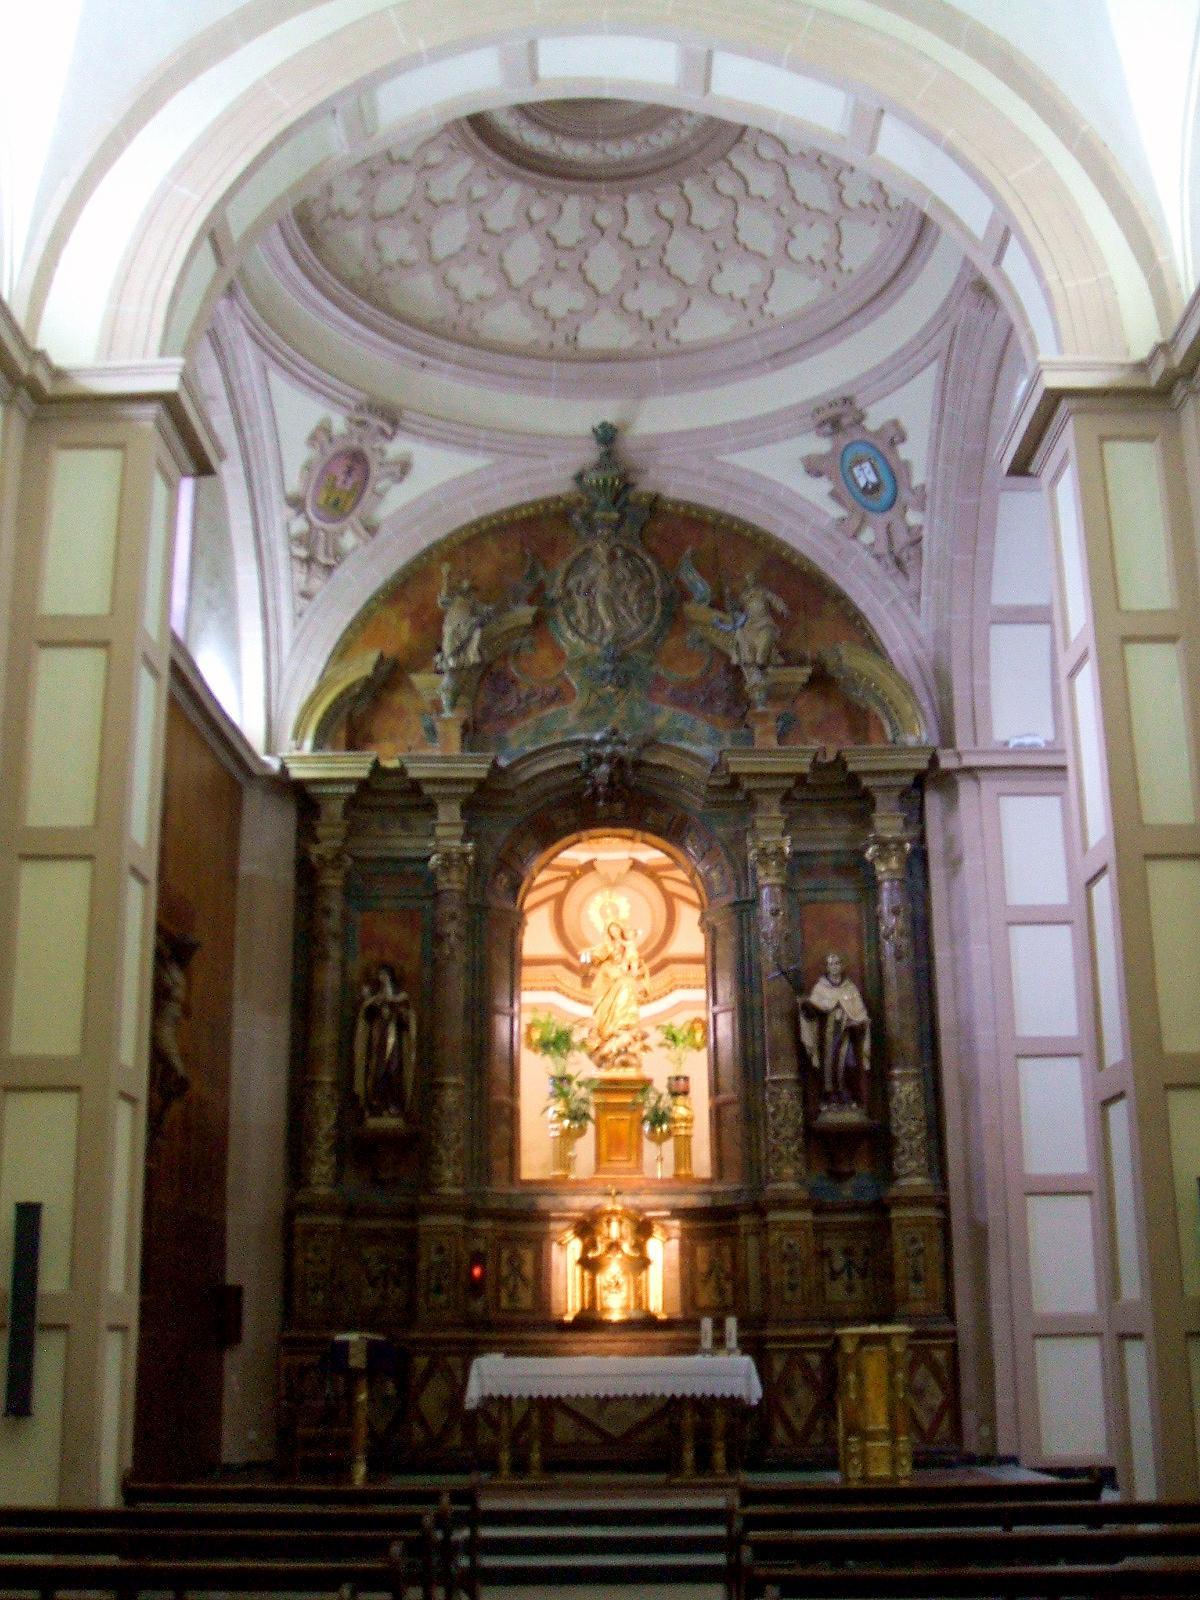 Baeza   Iglesia de la Purísima Concepcion 11 - Iglesia de la Purisima Concepción